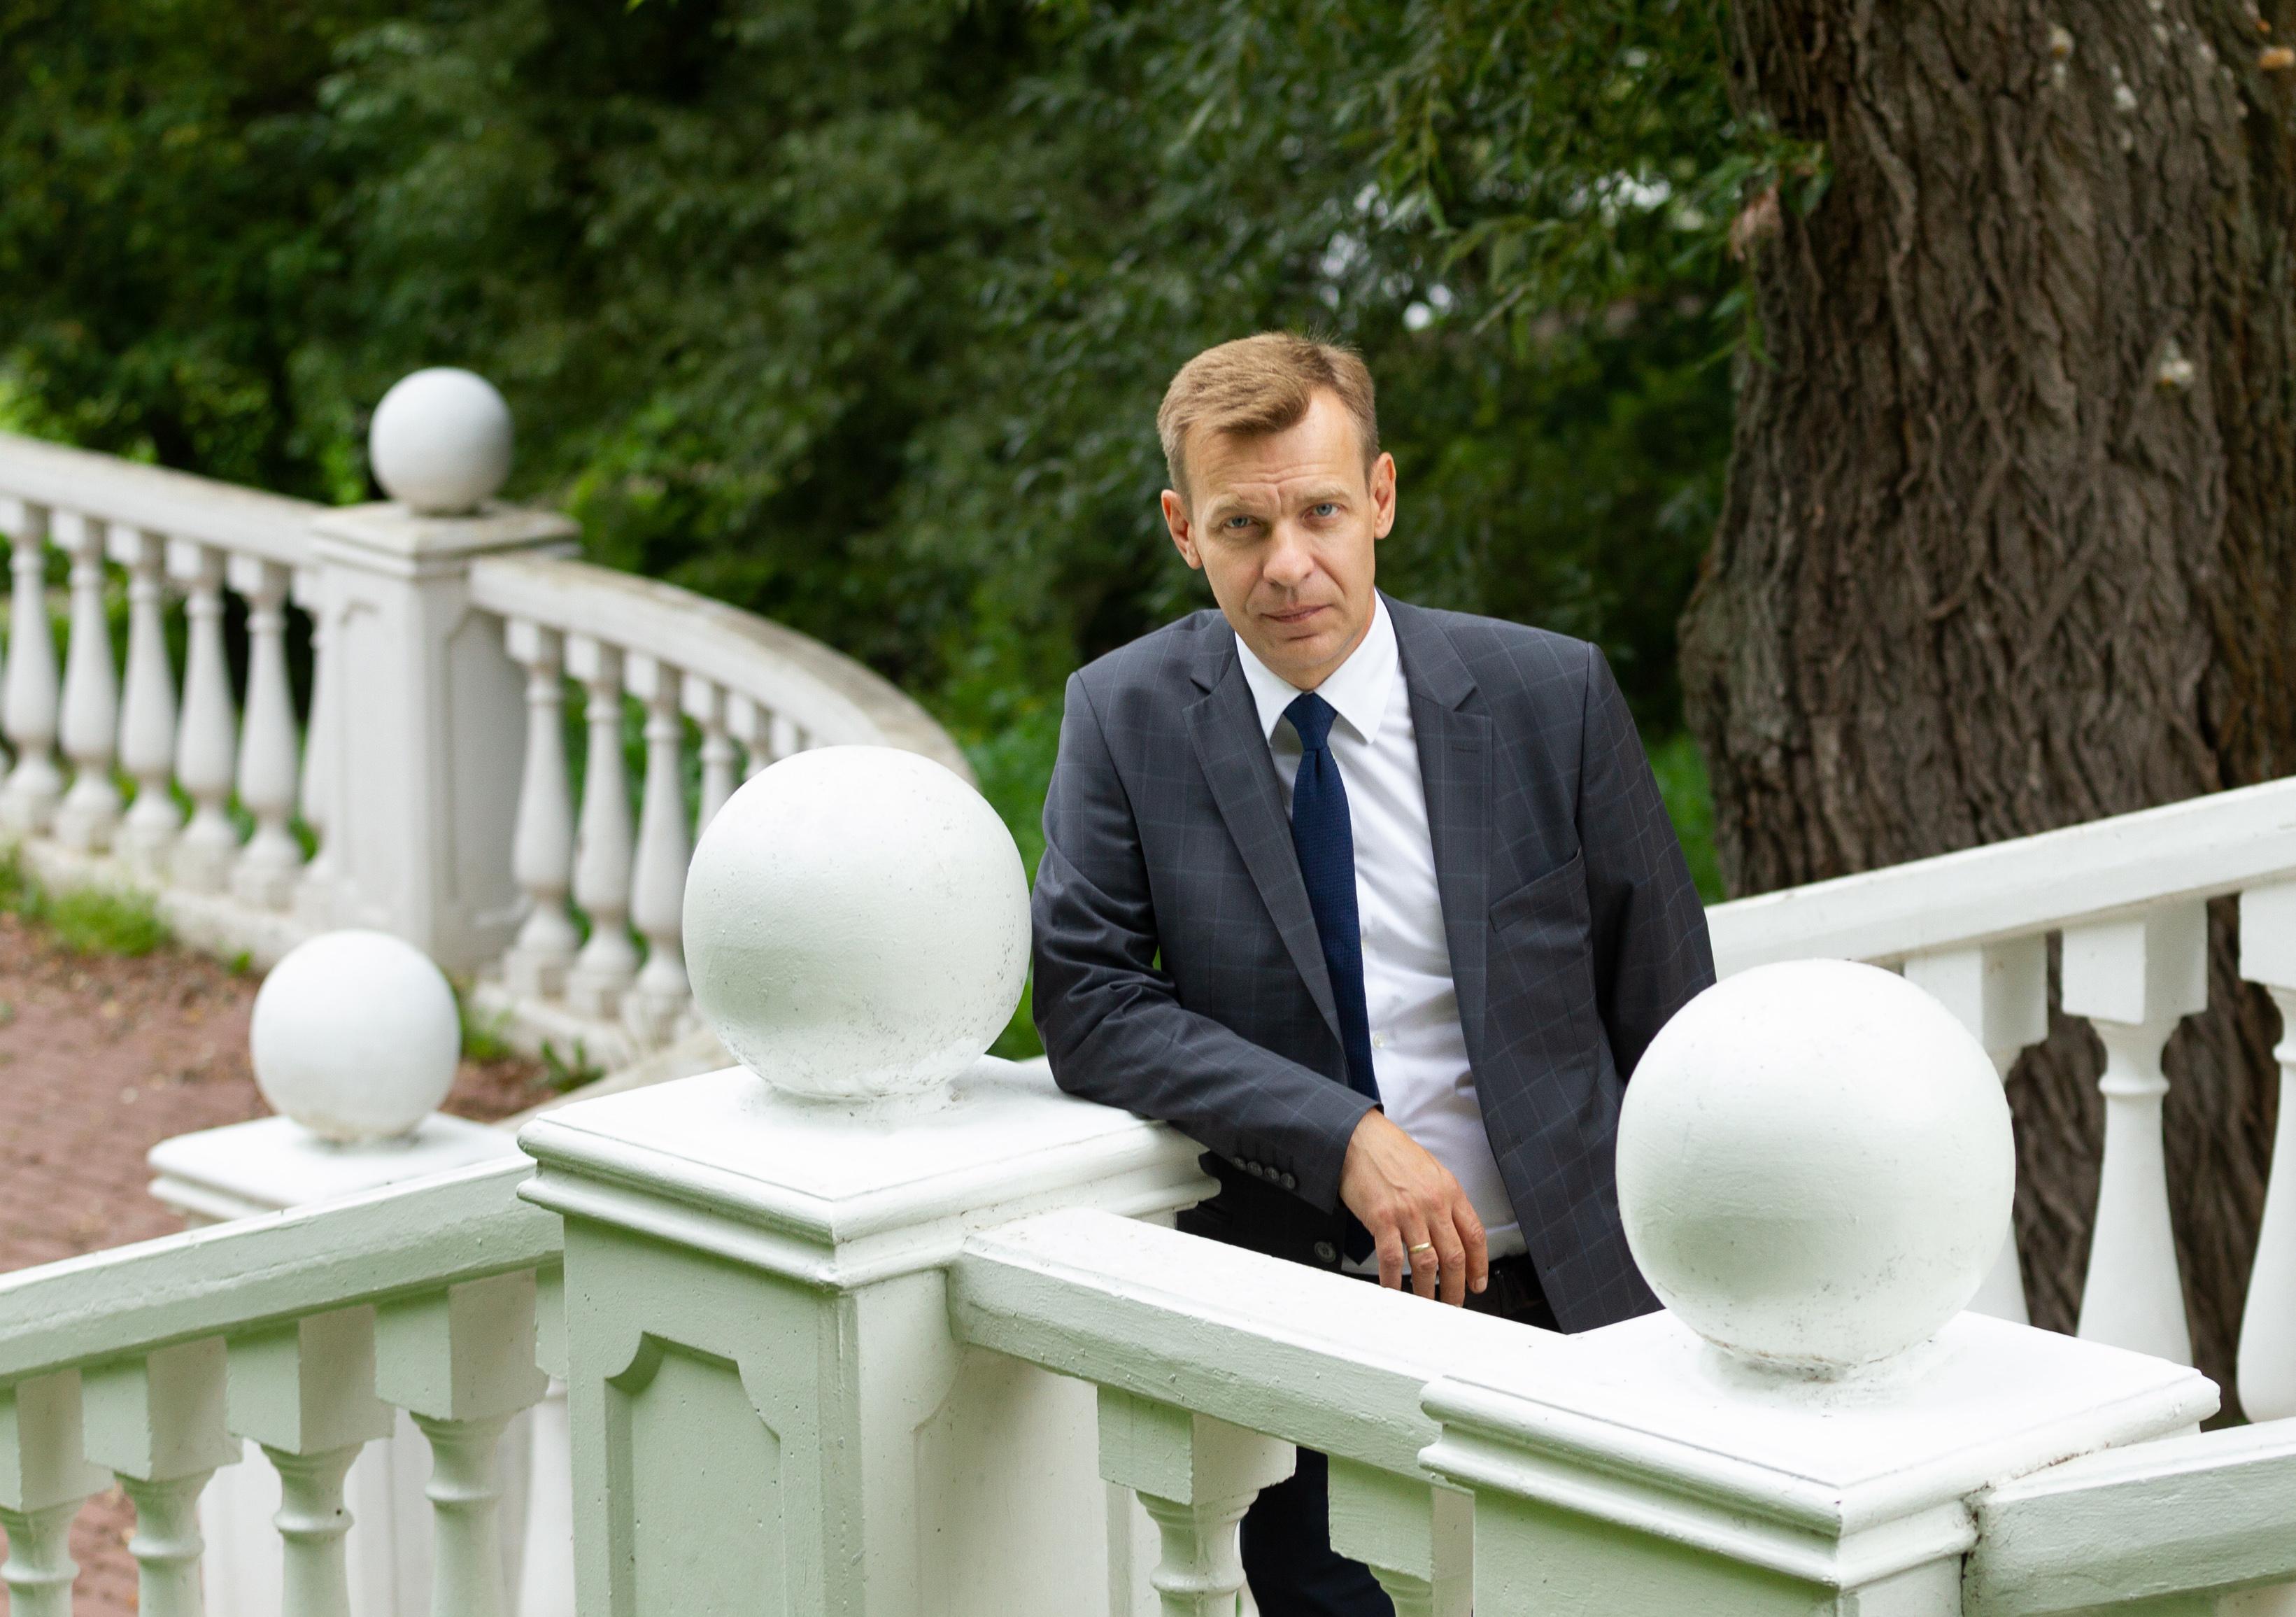 Депутат Мосгордумы Игорь Бускин: Технически Москва уже сейчас готова к началу отопительного сезона